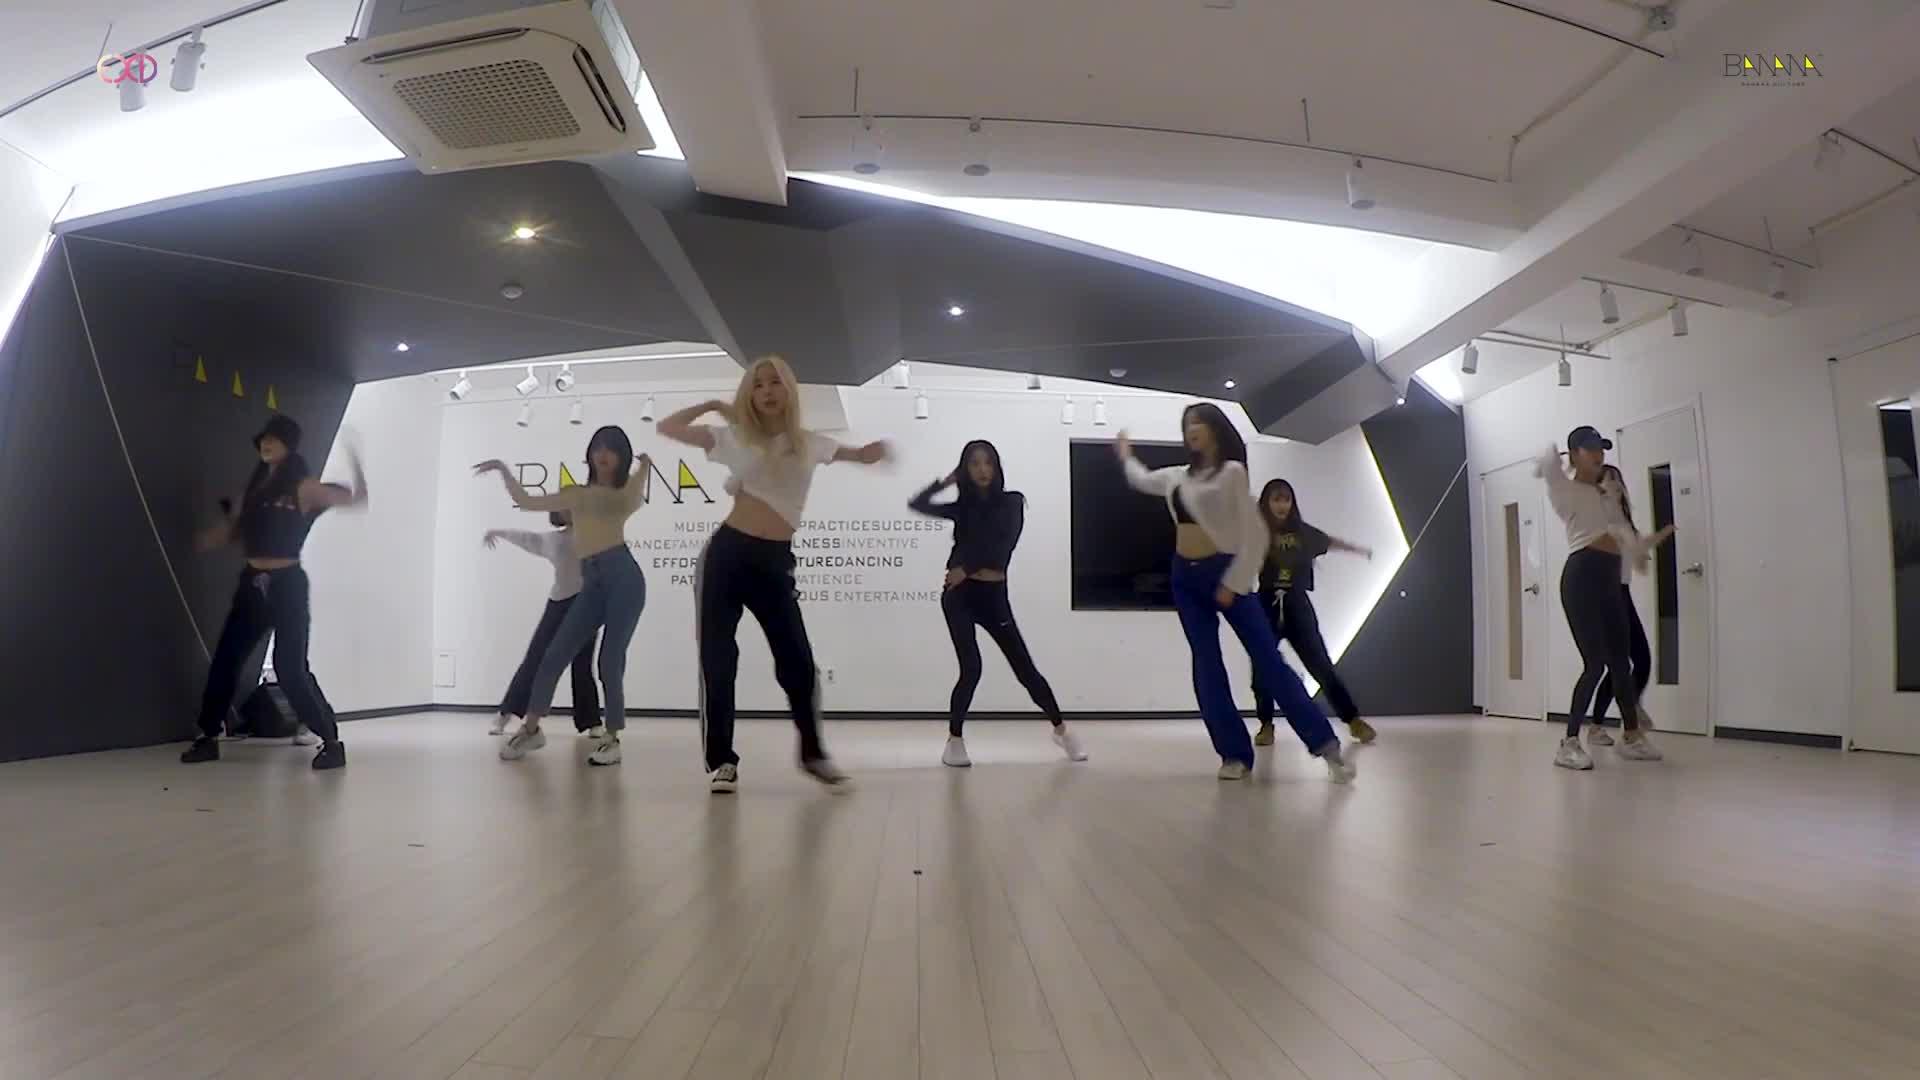 MV comeback chưa kịp nguội, EXID đã chiêu đãi fan bản dance practice của MEYOU ảnh 2